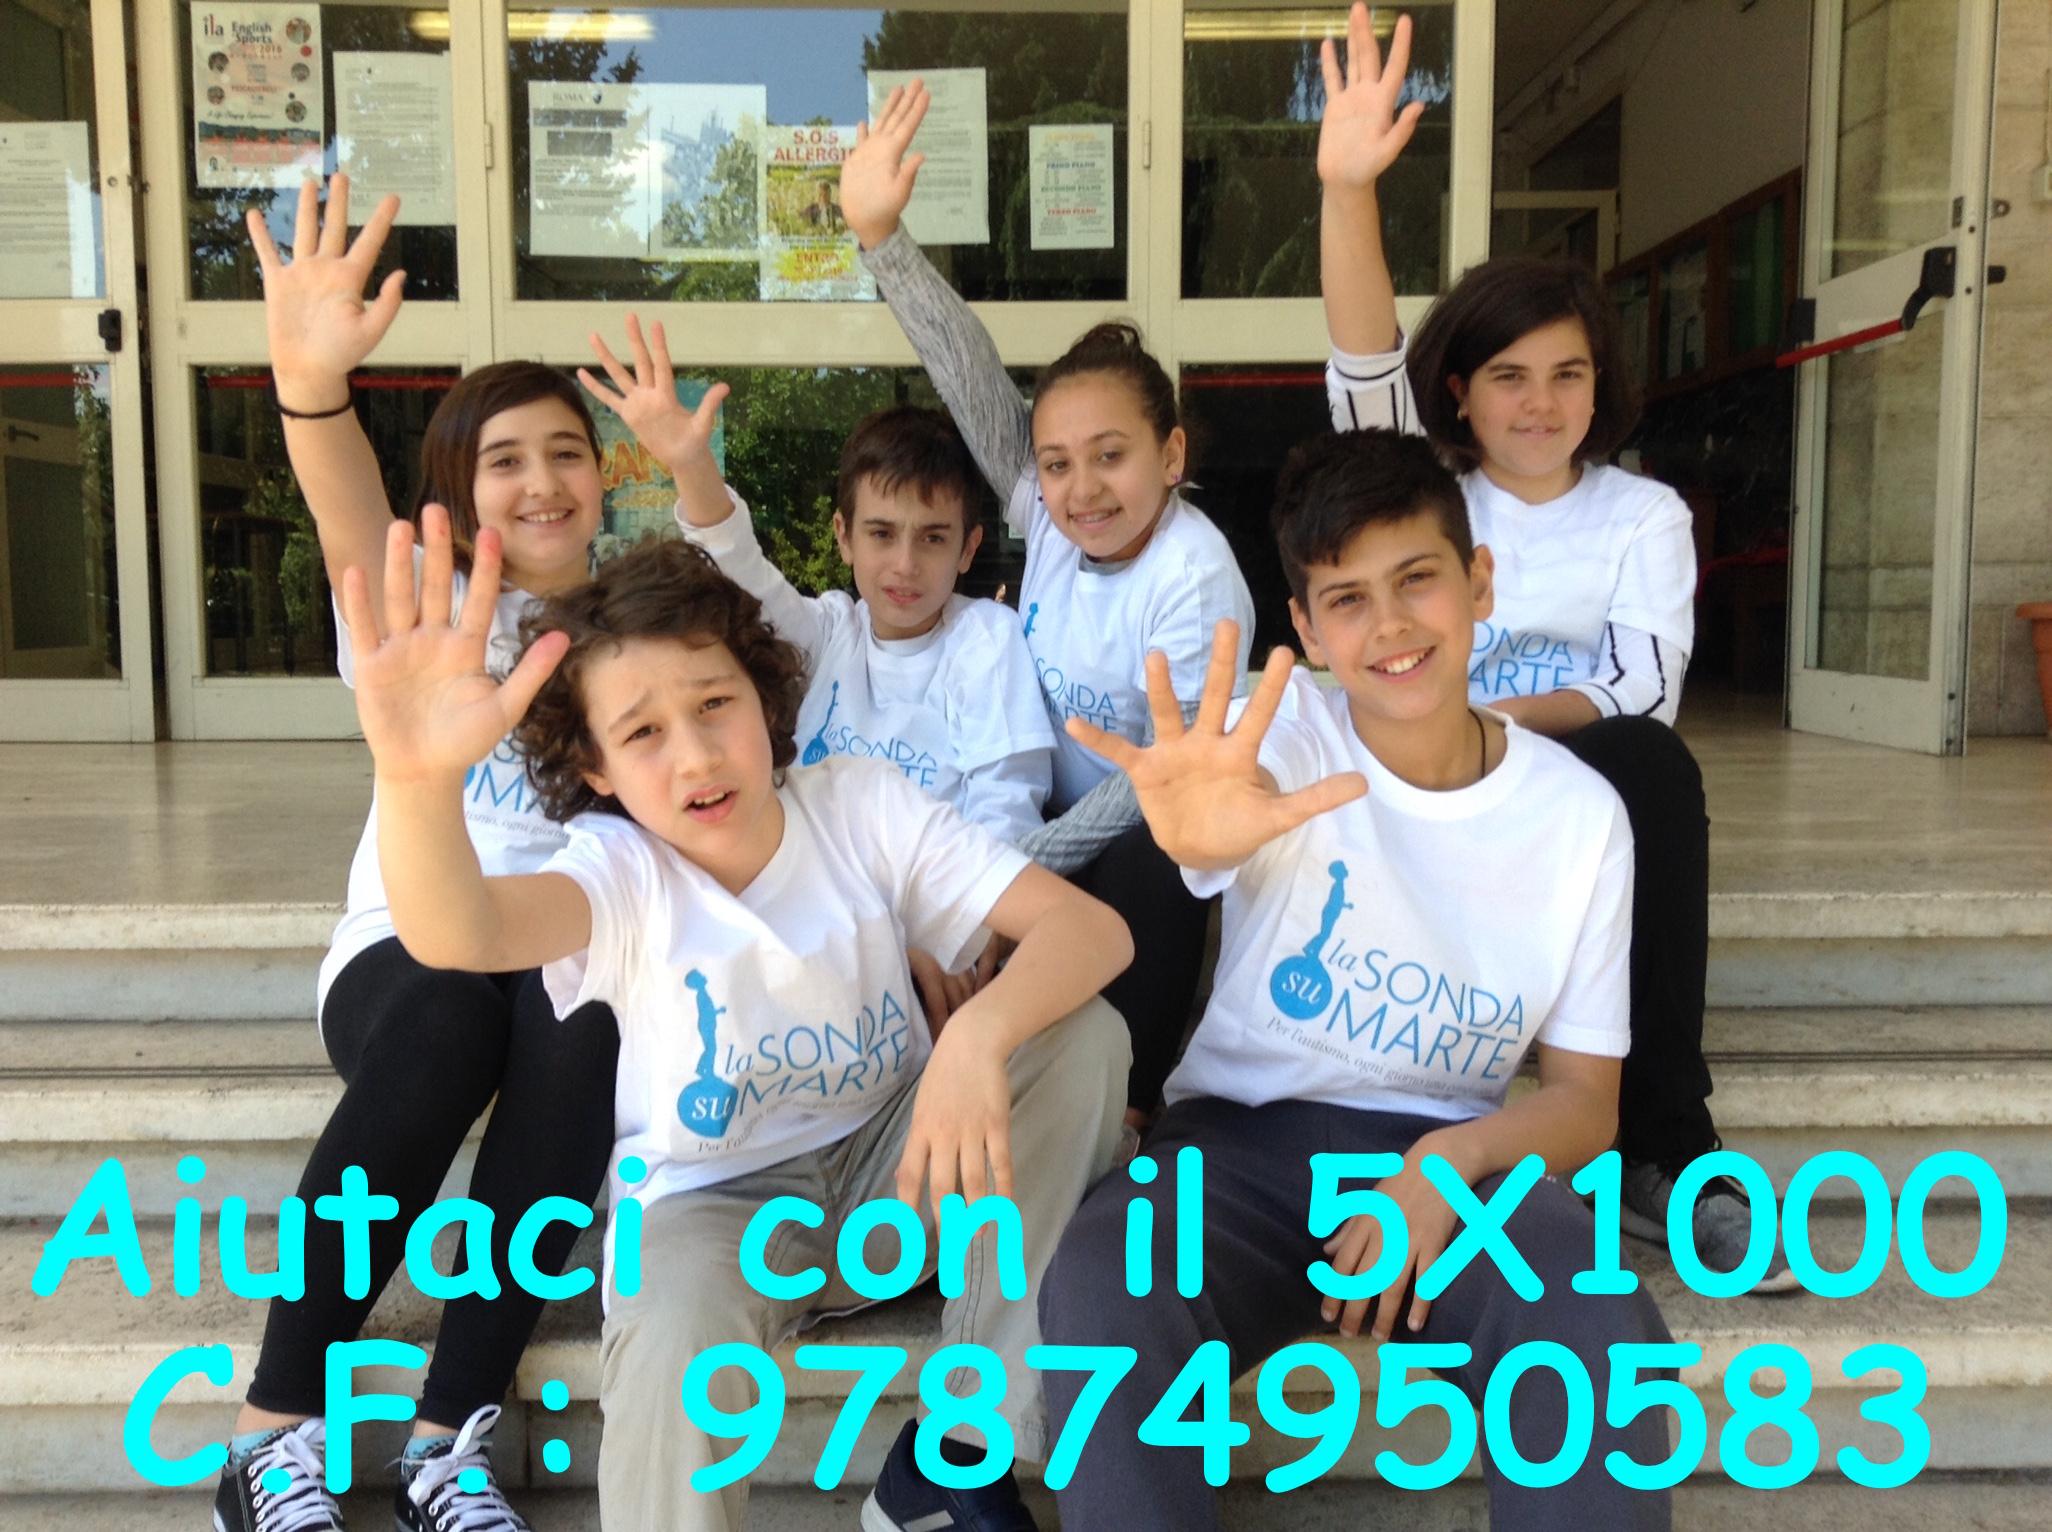 FOTO 5X100